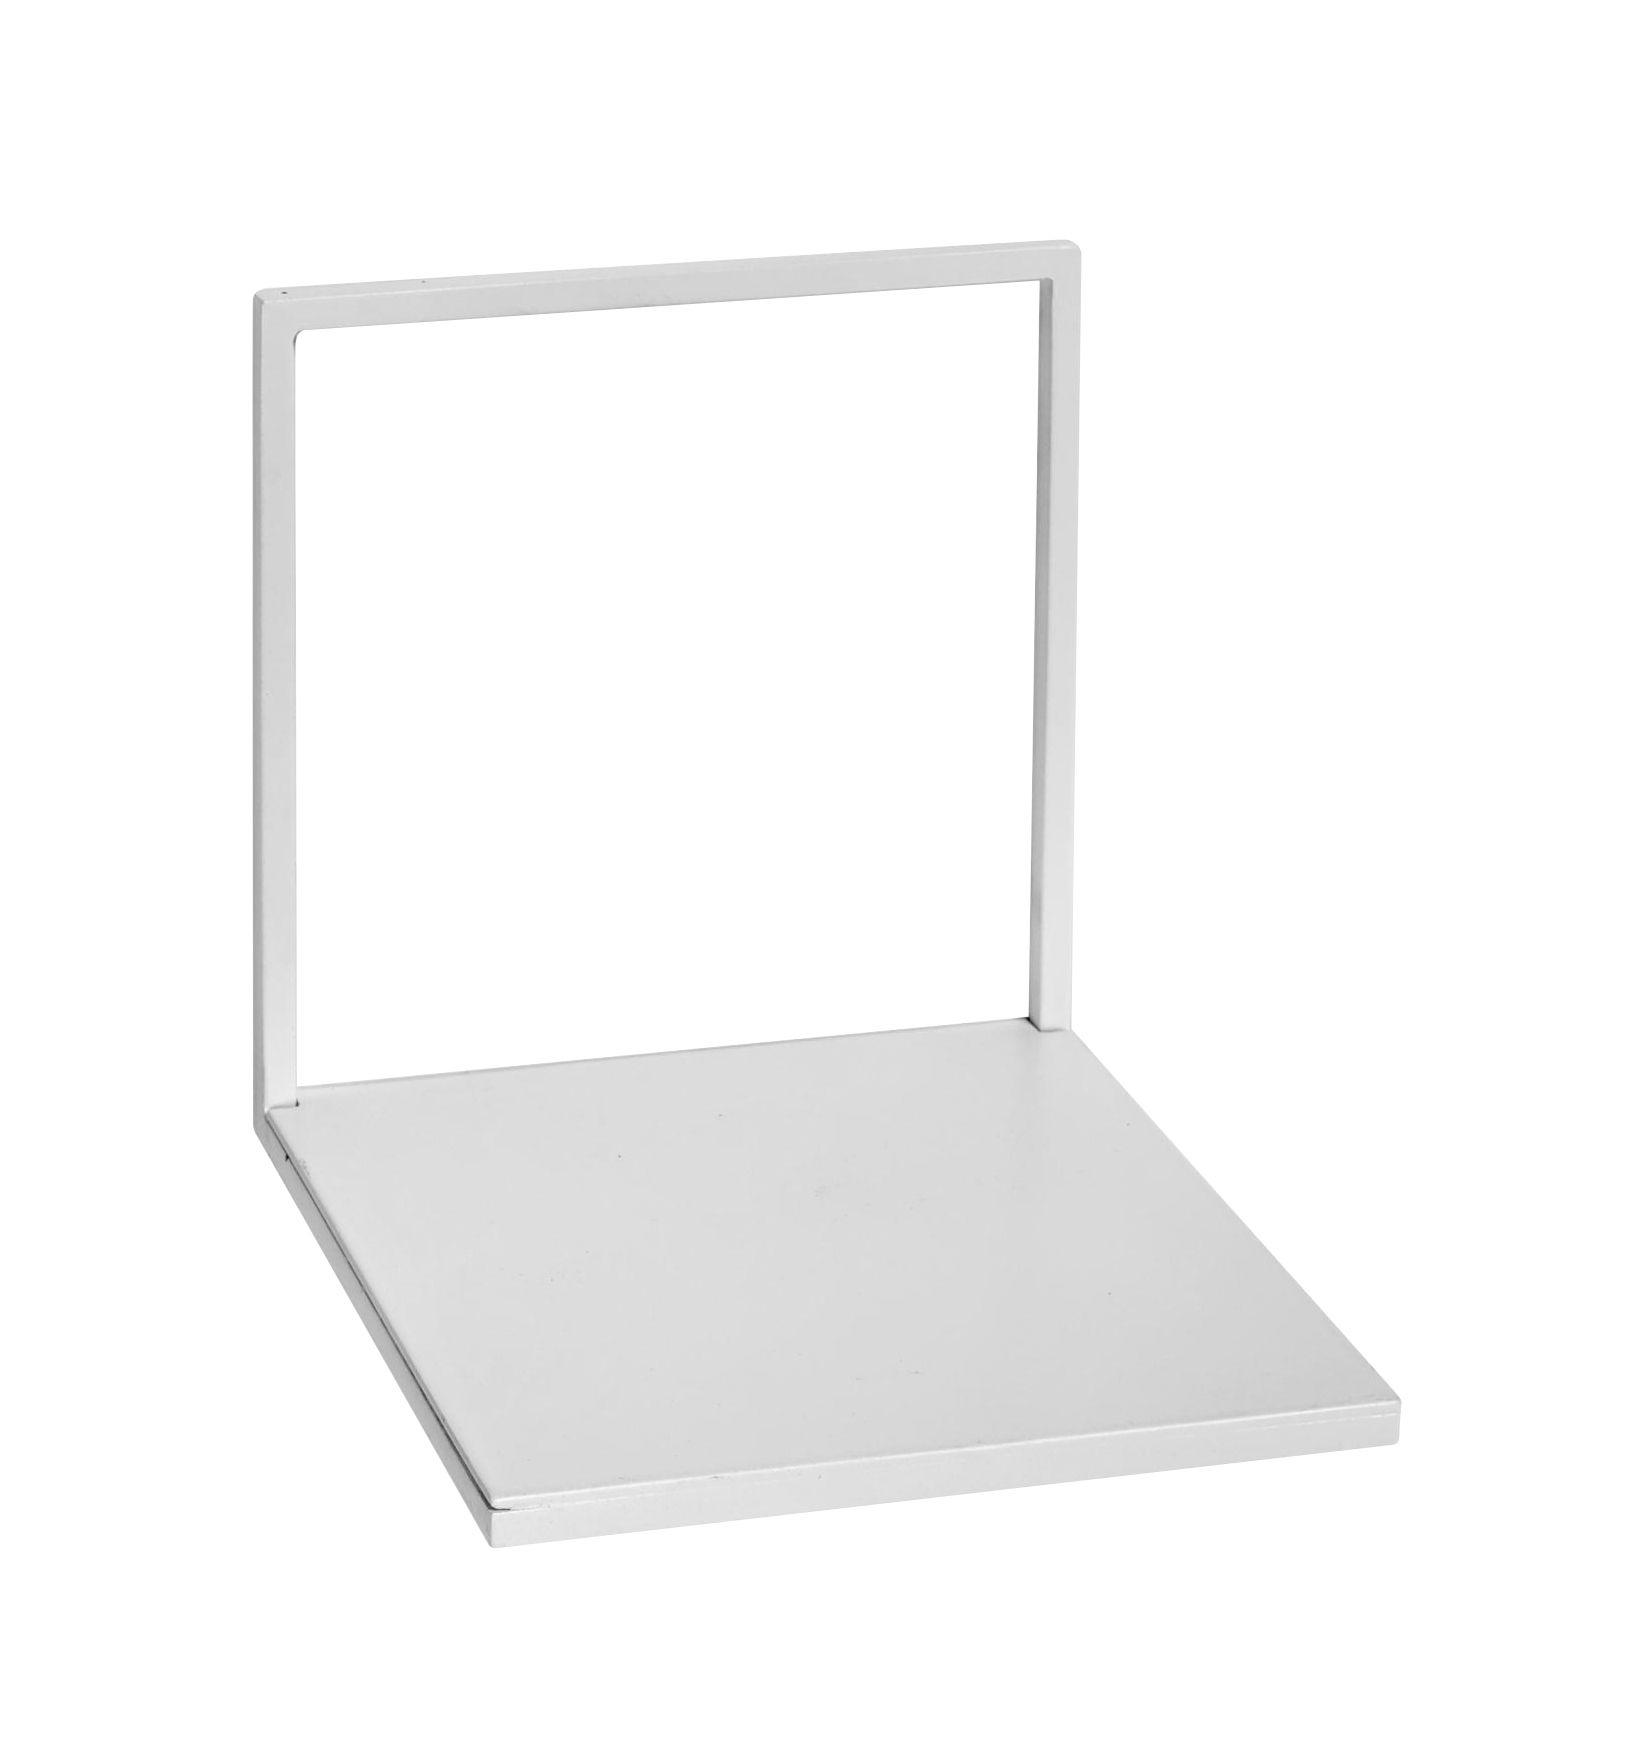 Mobilier - Etagères & bibliothèques - Etagère Small / L 15 cm - Métal - Serax - Blanc - Métal laqué